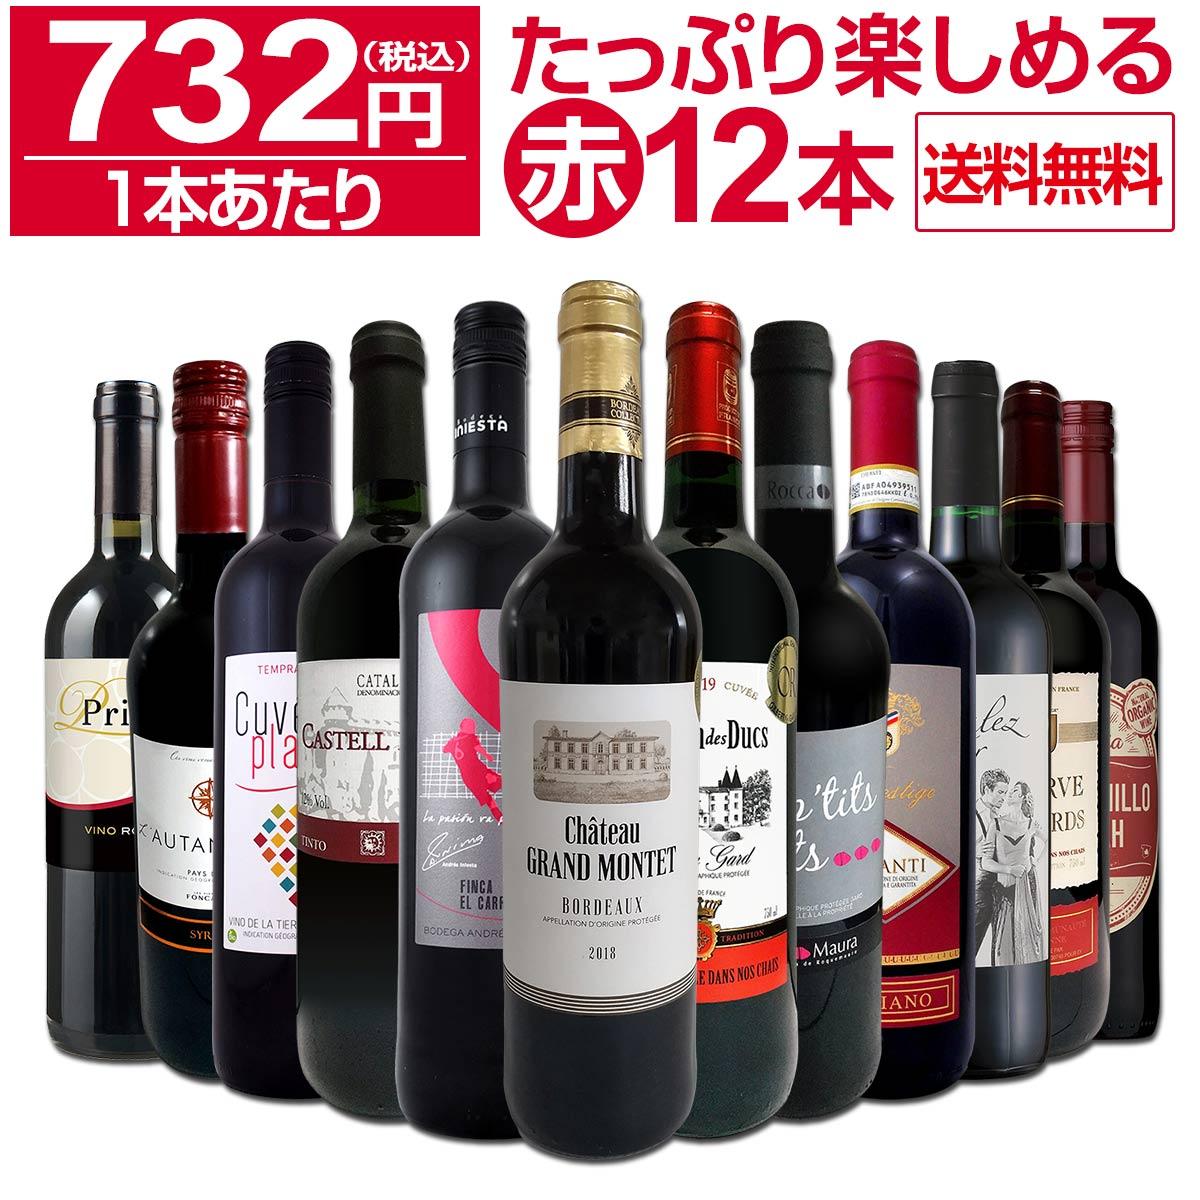 【送料無料】第18弾!1本あたり732円(税込)!!採算度外視の大感謝!厳選赤ワイン12本セット